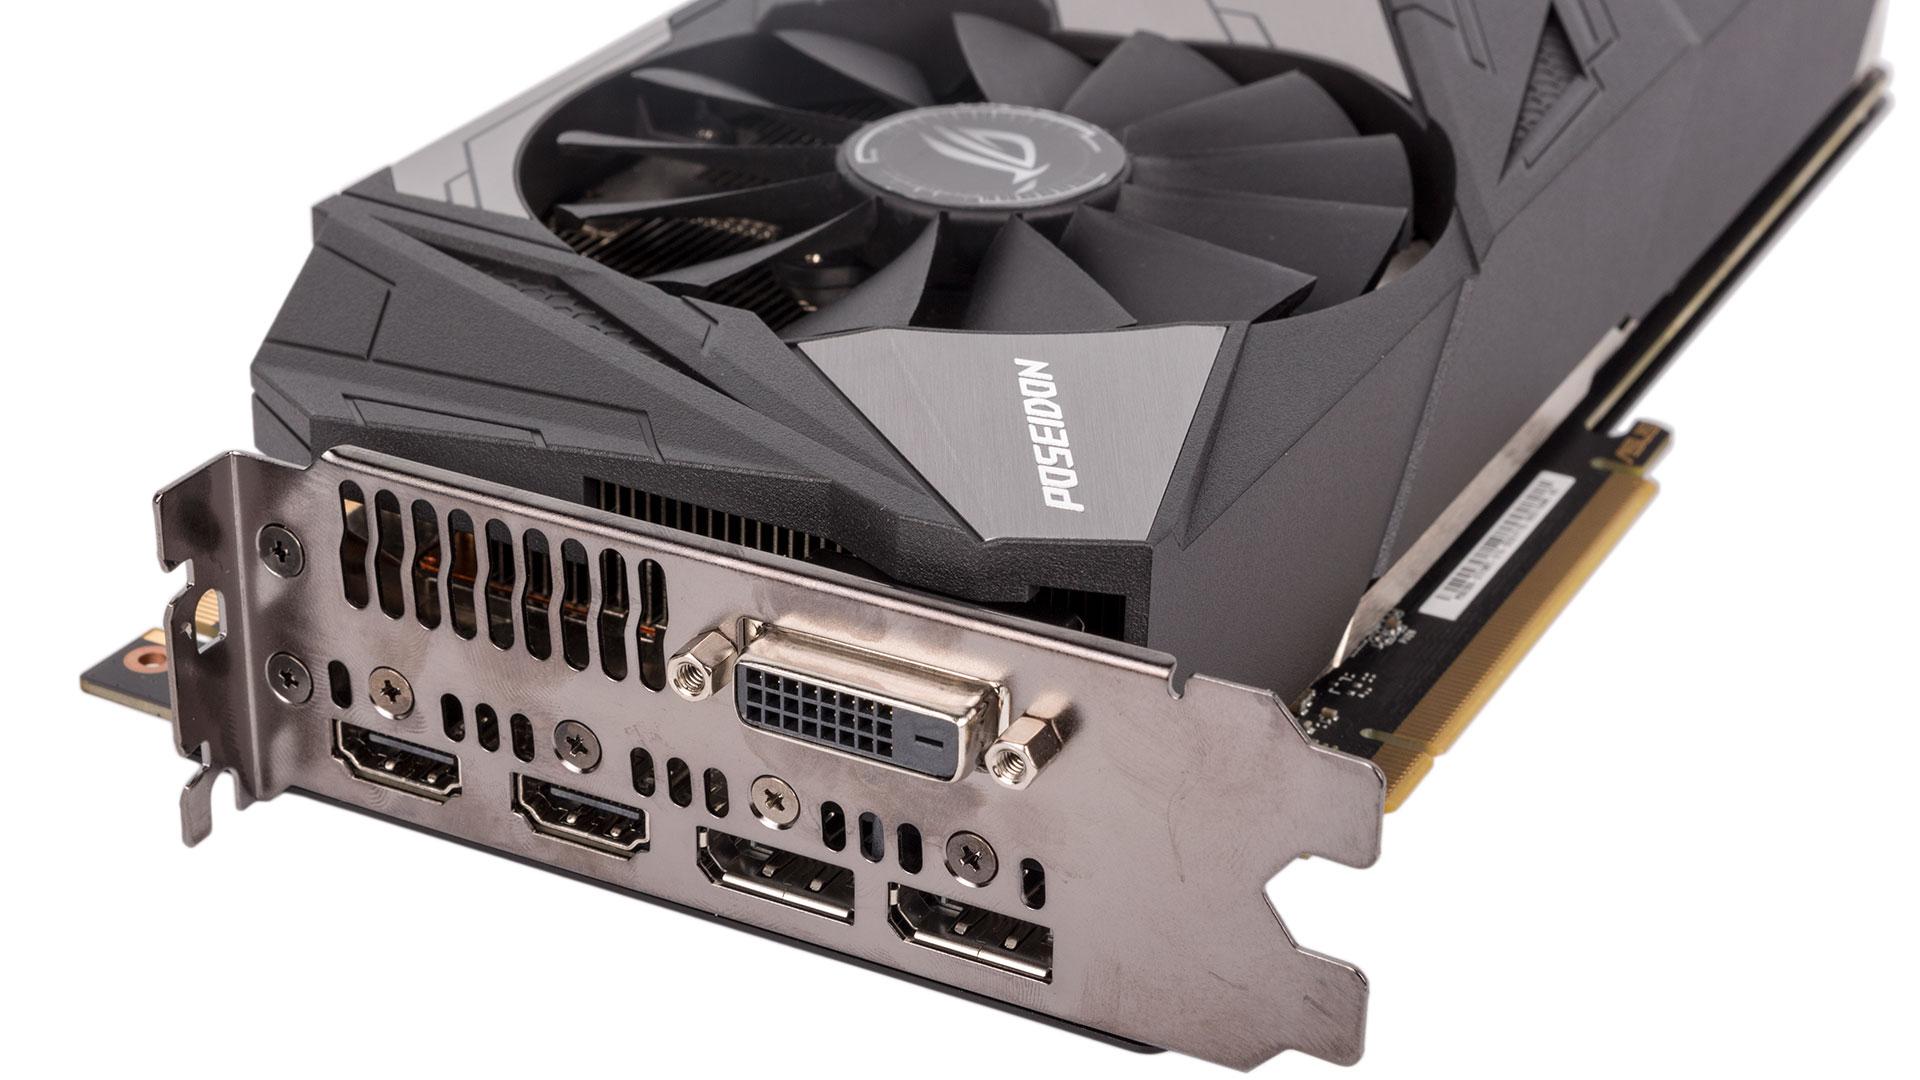 Asus GeForce GTX 1080 Ti ROG Poseidon Platinum Review | bit